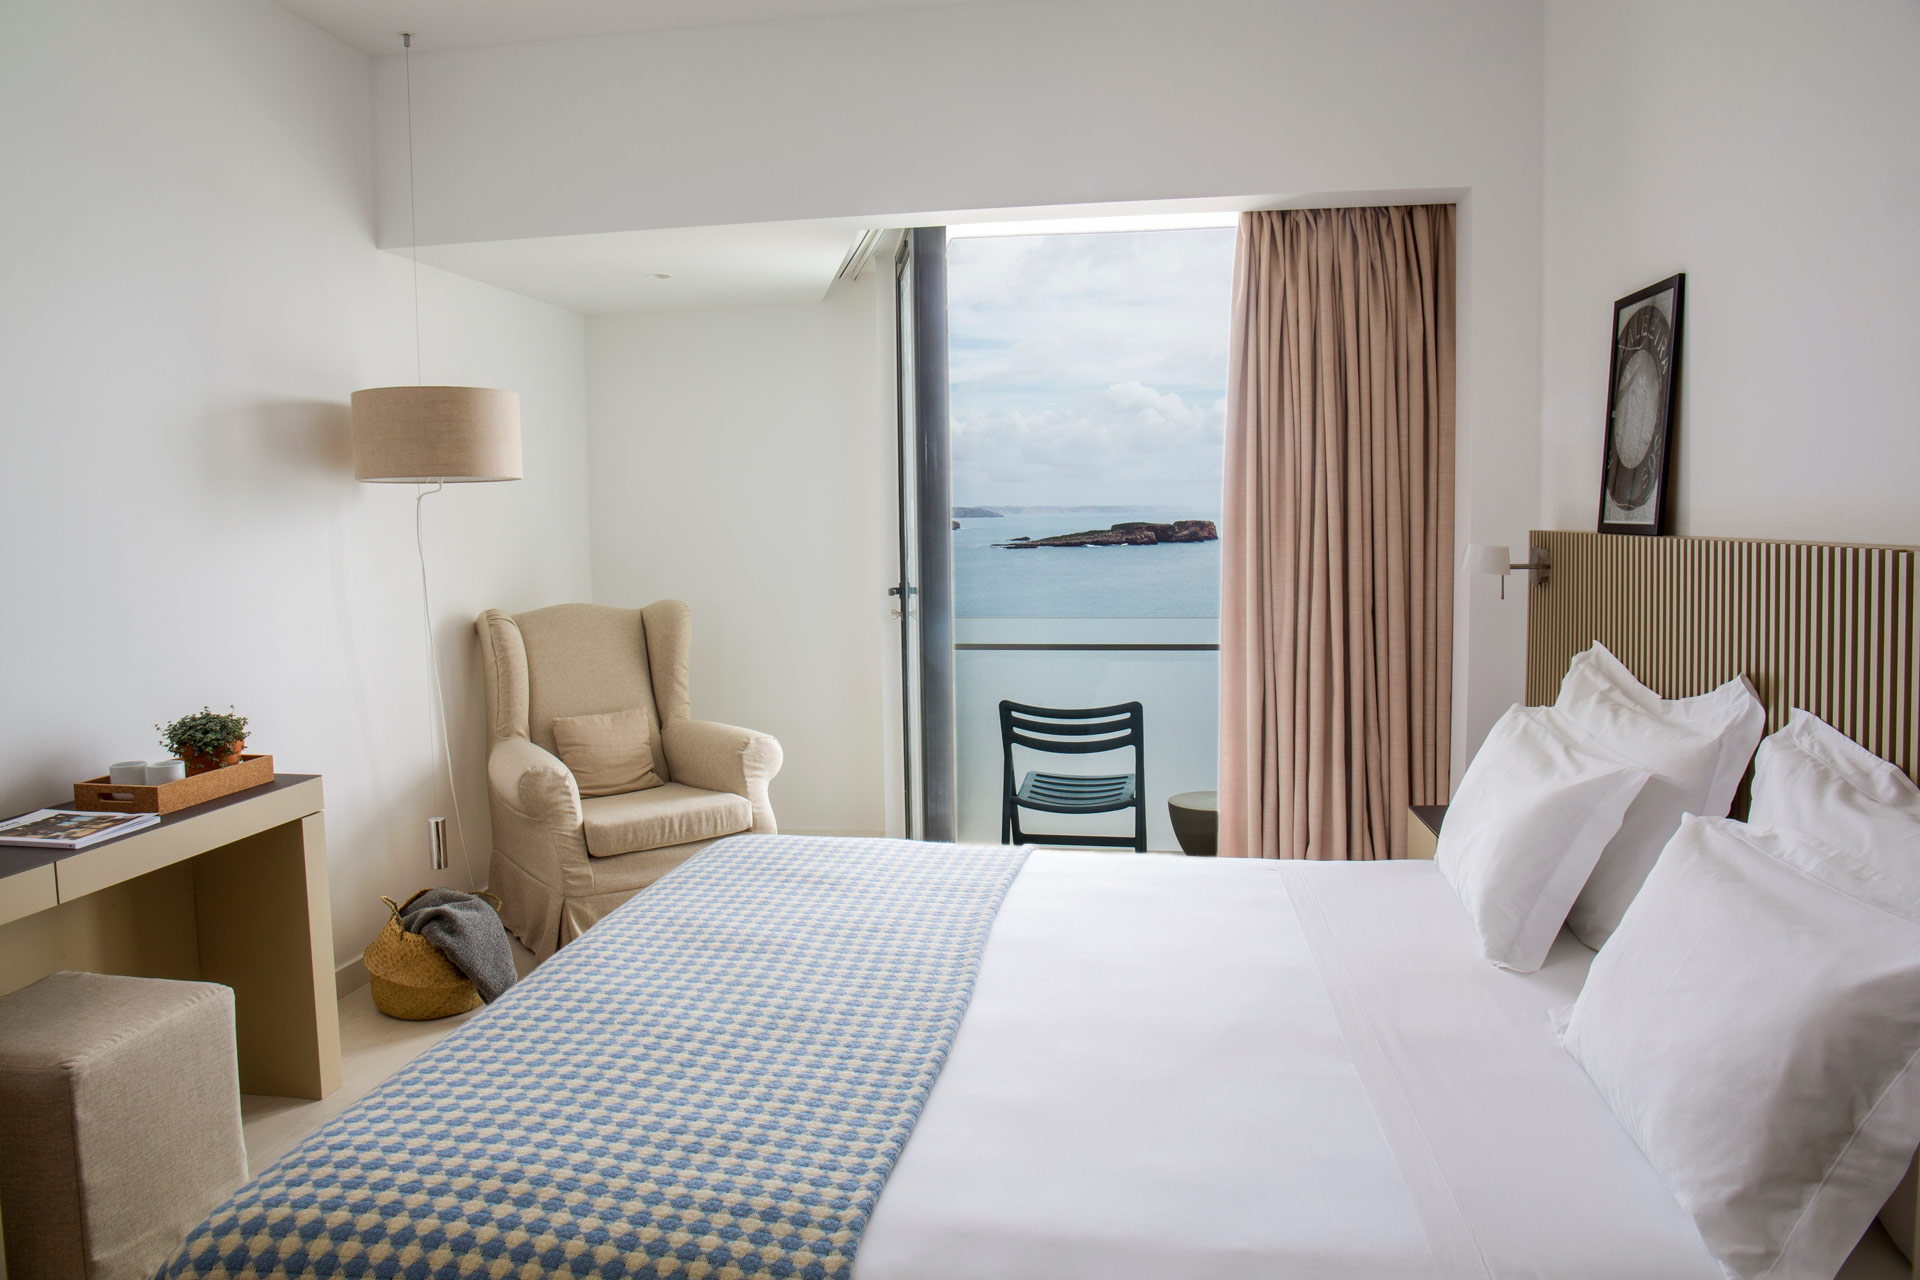 Doppelzimmer mit Meerblick im Hotel Memmo Baleeira